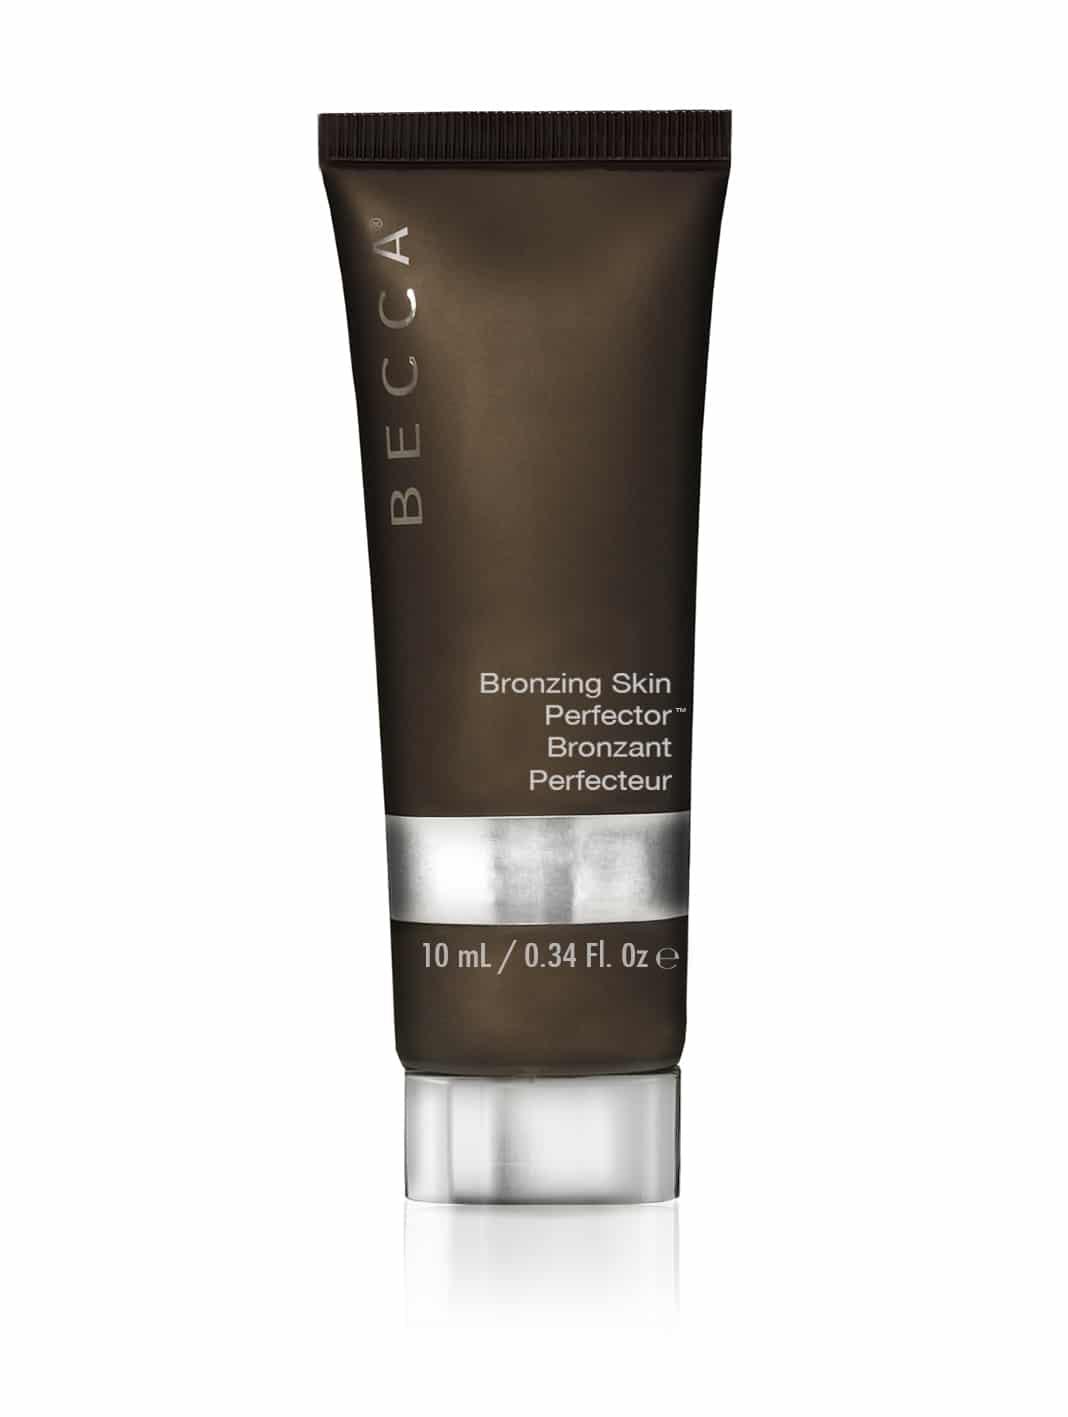 Becca Bronzing Skin Perfector: una formula alternativa per donare lucentezza alla pelle in modo del tutto naturale